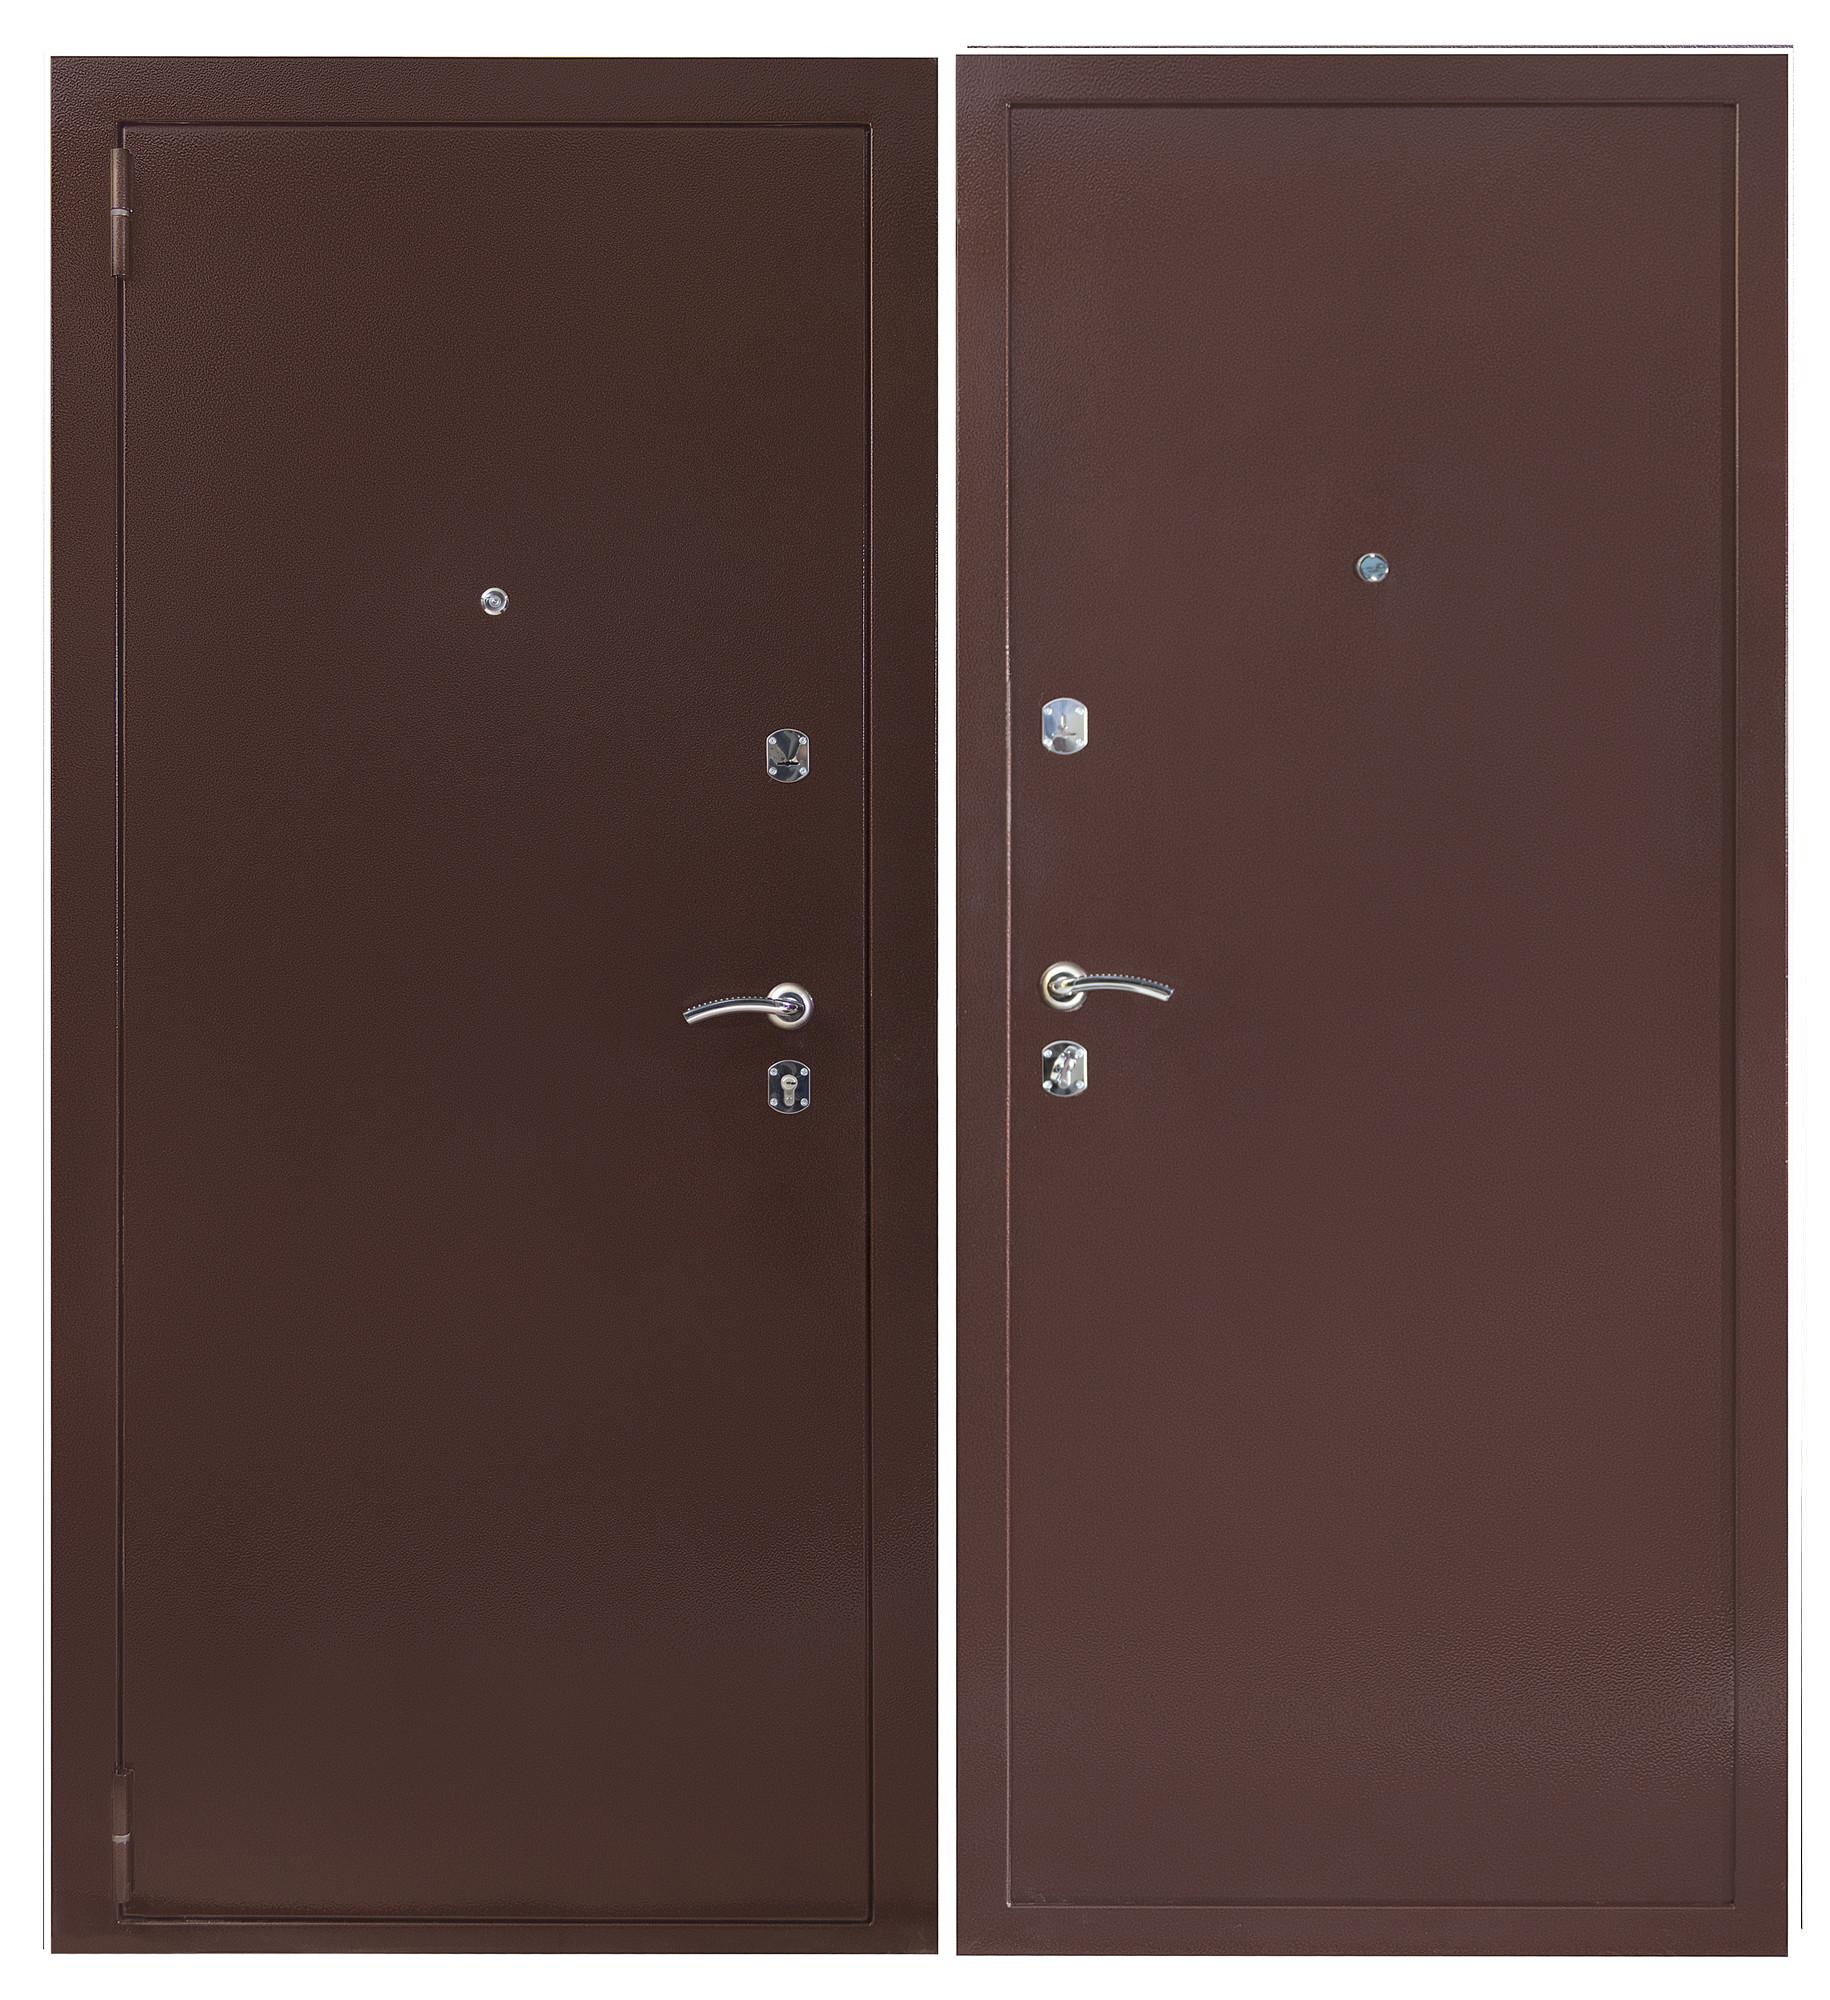 Входная дверь Sidoorov S 80 Антик медь / Антик медь